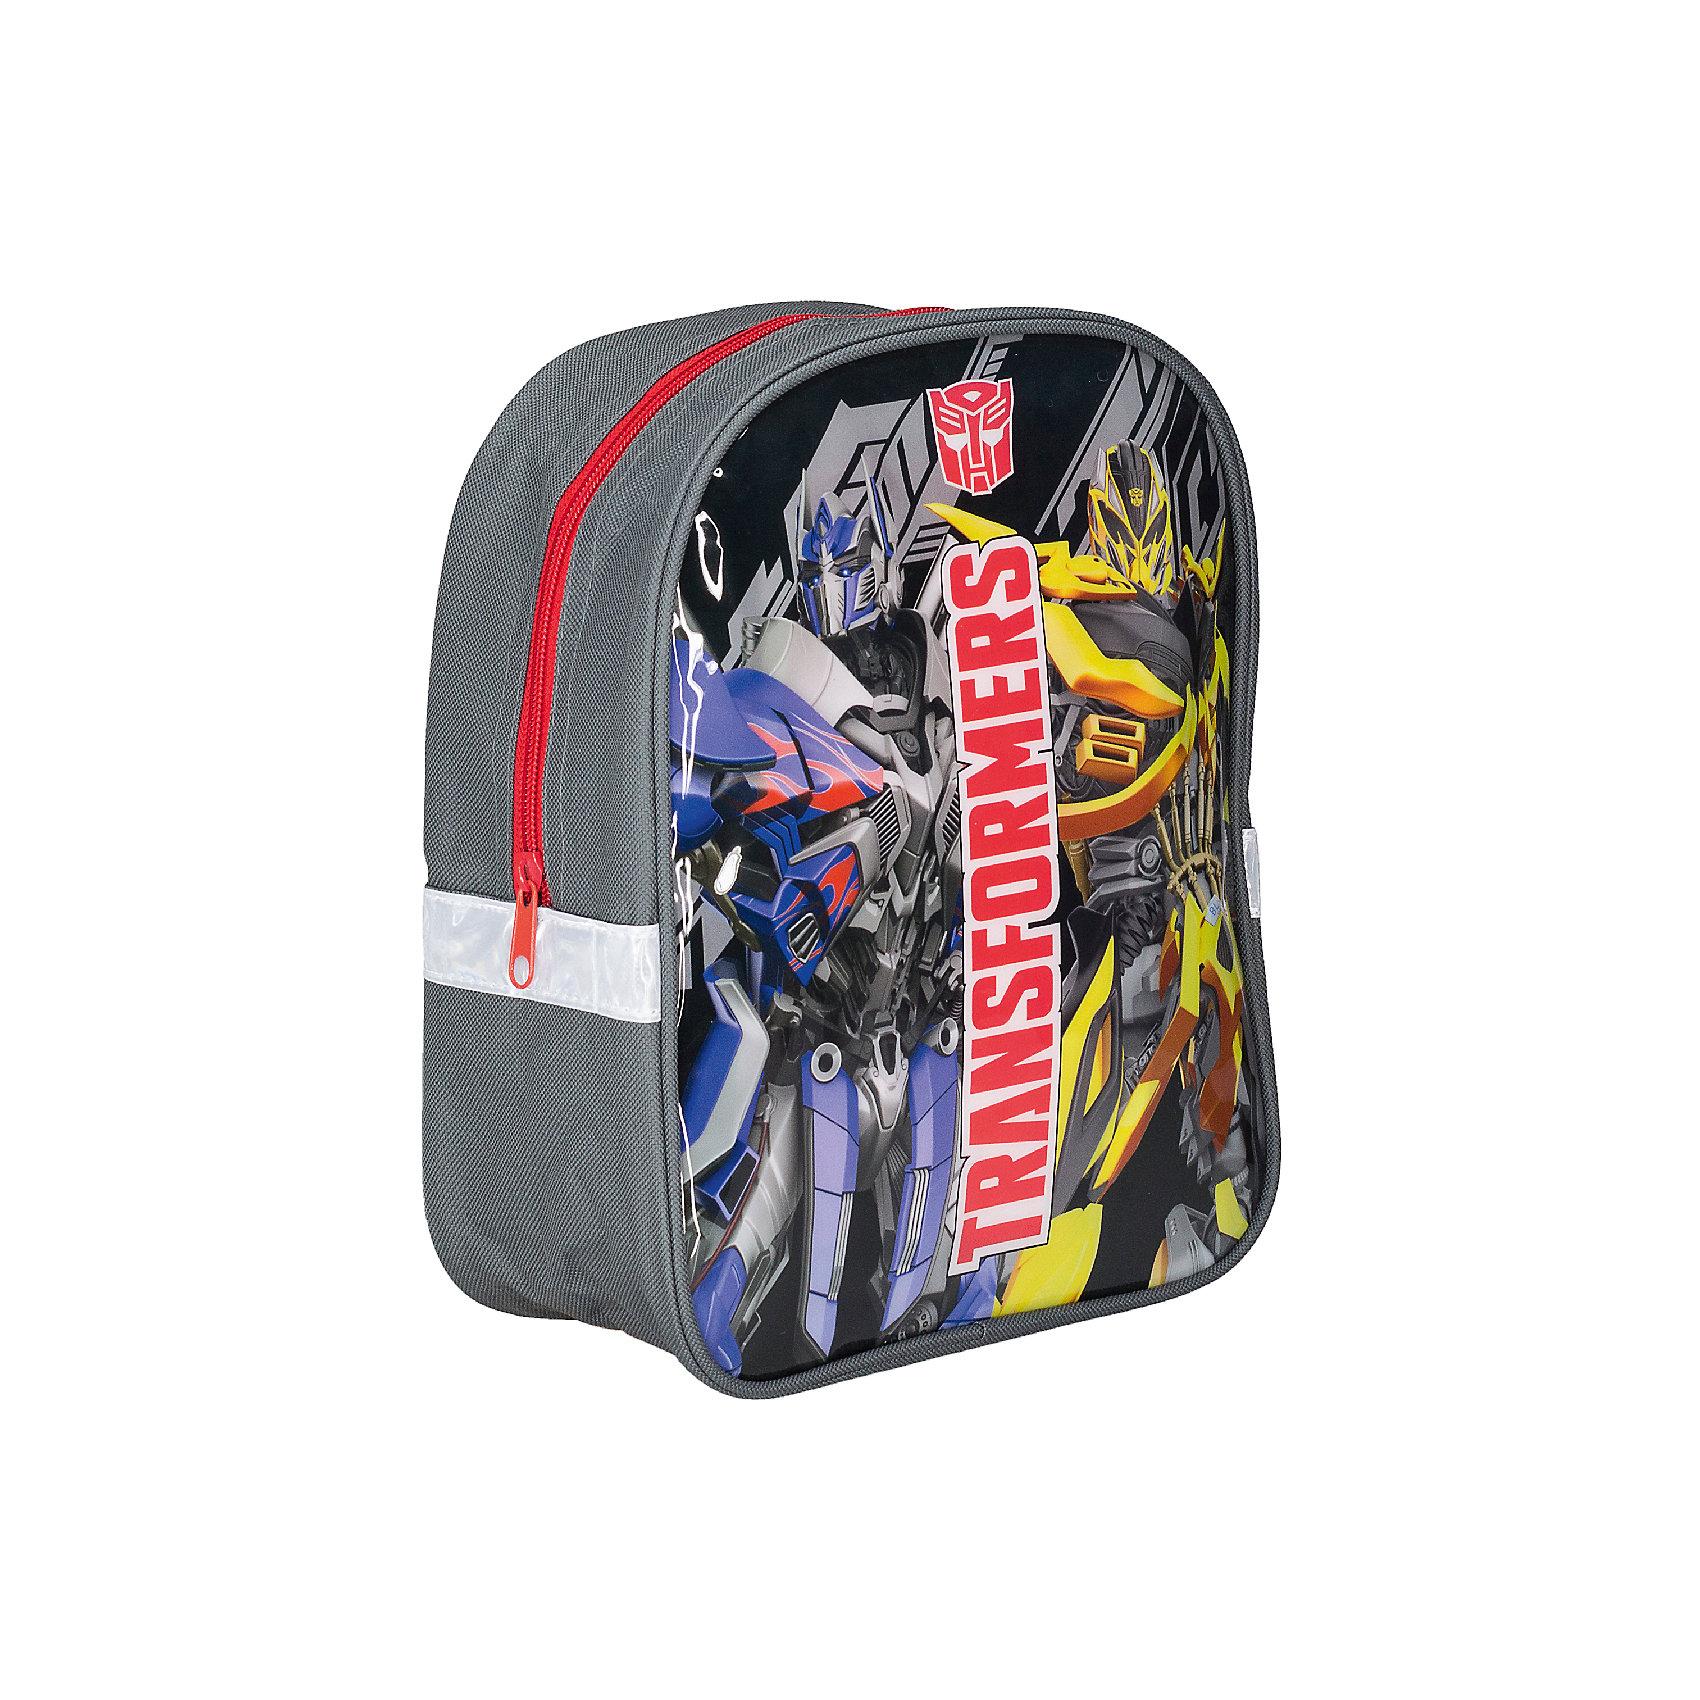 Дошкольный рюкзак 27*22,5*9 см, ТрансформерыДошкольный рюкзак 27*22,5*9 см, Трансформеры - практичный и яркий рюкзак станет верным другом вашего мальчика во всех путешествиях.<br>Стильный и продуманный до мелочей рюкзак Трансформеры отлично подойдет для занятий спортом или прогулок на свежем воздухе. В нем с легкостью можно разместить все самые нужные вещи. Рюкзак содержит одно вместительное отделение, закрывающееся на застежку-молнию. Он украшен ярким изображением Трансформеров. Широкие лямки регулируются по длине и равномерно распределяют нагрузку на плечевой пояс. Рюкзак оснащен петлей для подвешивания. Светоотражающие элементы обеспечивают безопасность в темное время суток.<br><br>Дополнительная информация:<br><br>- Размер: 27 х 22,5 х 9 см.<br>- Материал: полиэстер<br>- Вес: 179 гр.<br><br>Дошкольный рюкзак 27*22,5*9 см, Трансформеры можно купить в нашем интернет-магазине.<br><br>Ширина мм: 90<br>Глубина мм: 225<br>Высота мм: 270<br>Вес г: 179<br>Возраст от месяцев: 96<br>Возраст до месяцев: 108<br>Пол: Мужской<br>Возраст: Детский<br>SKU: 4489614